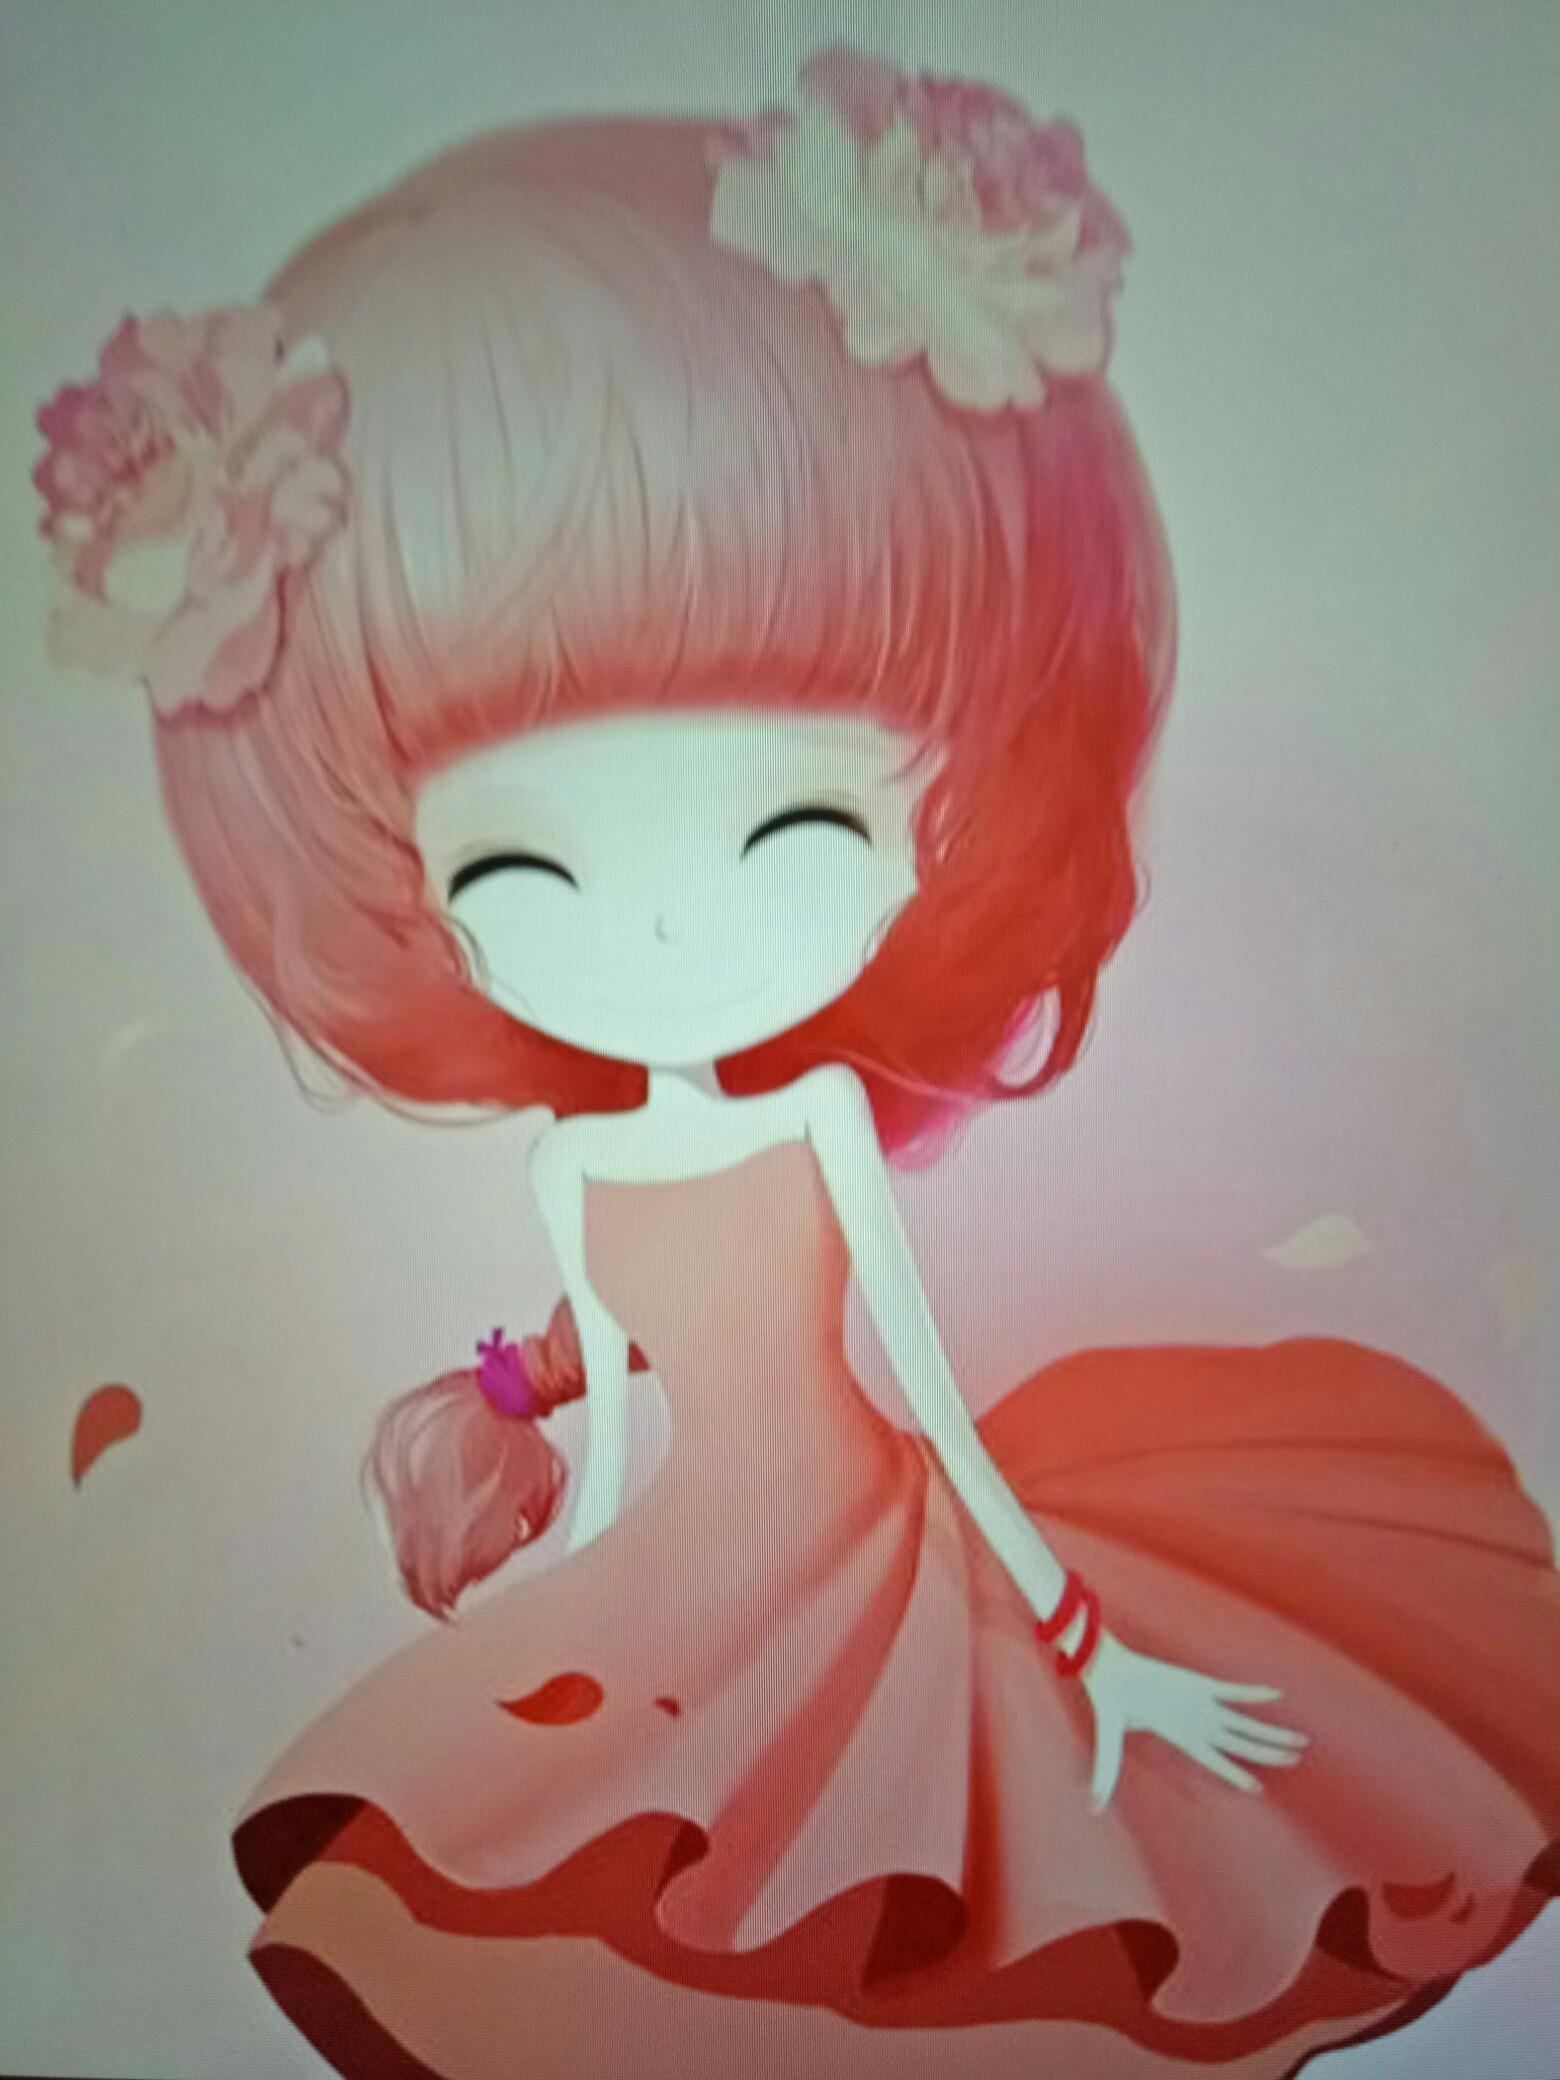 萌萌的小公主手绘系列,很是可爱的哦!